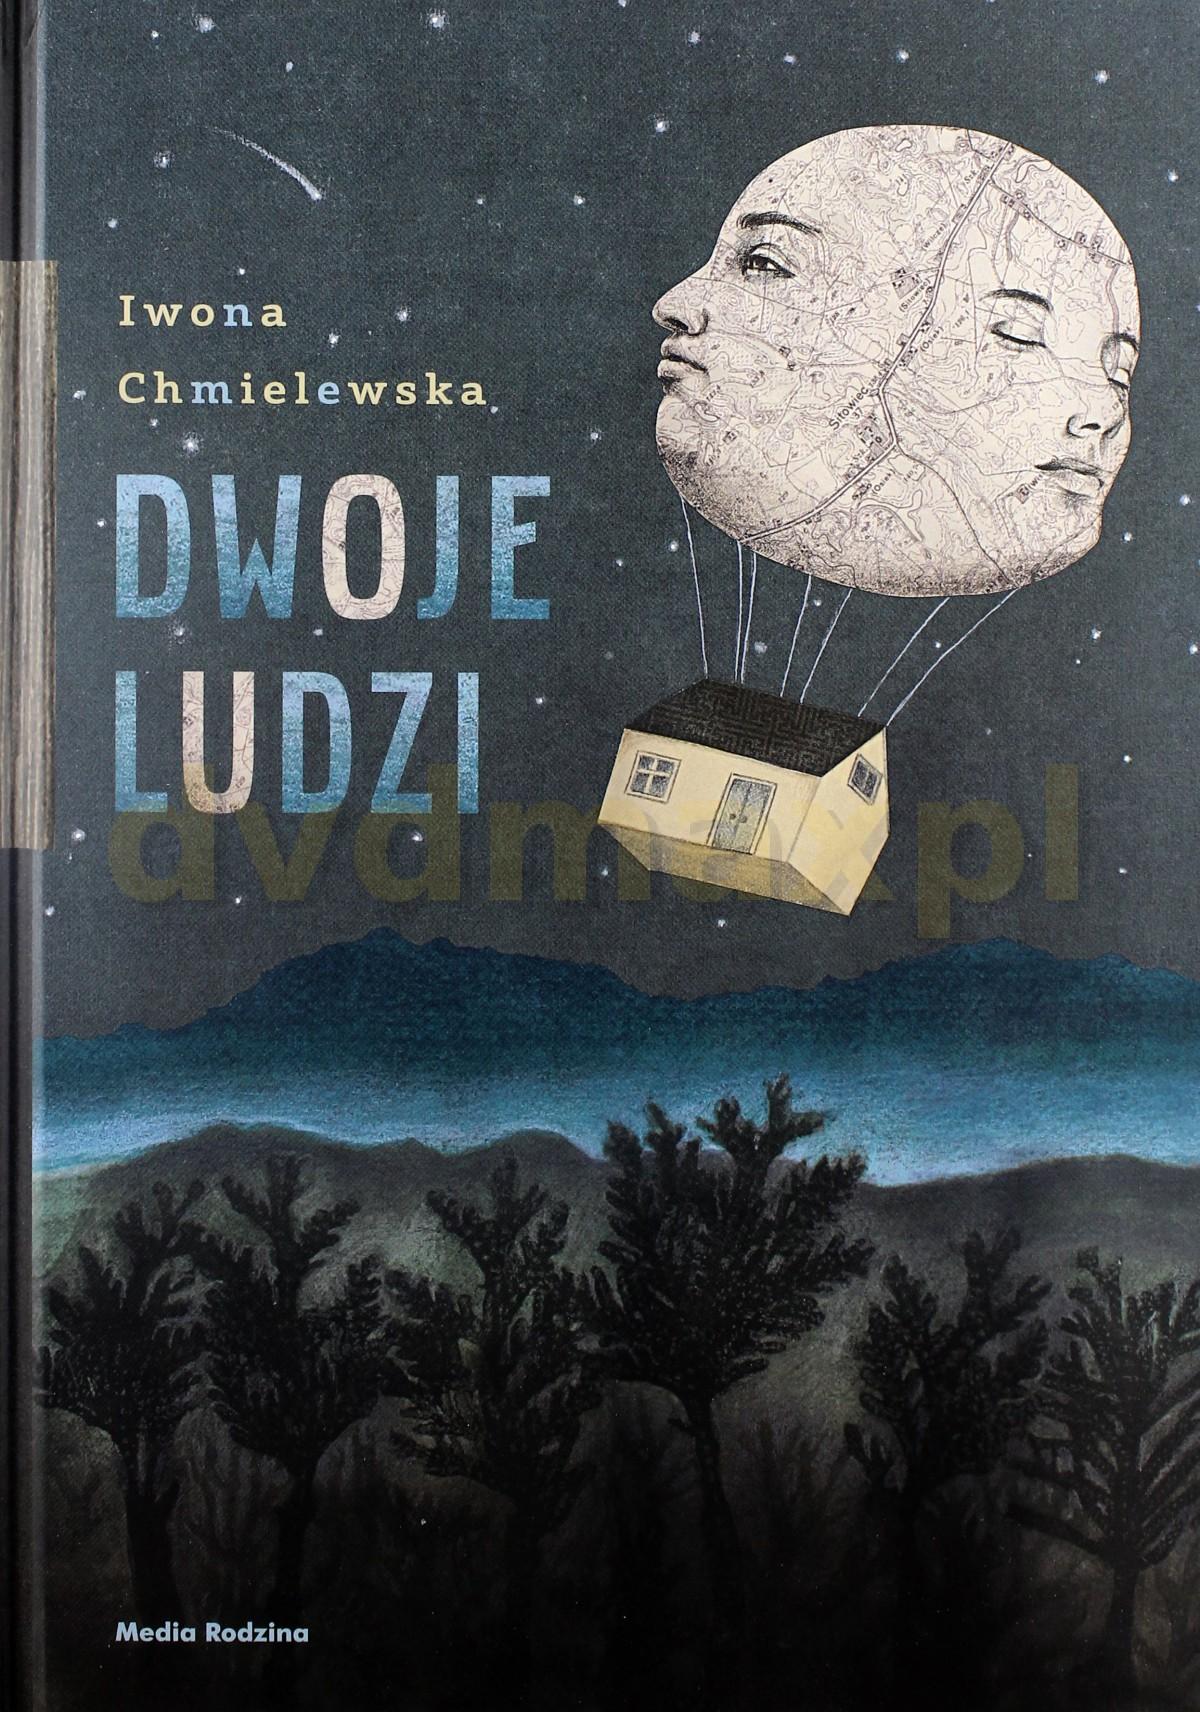 Dwoje Ludzi - Iwona Chmielewska [KSIĄŻKA] - Iwona Chmielewska